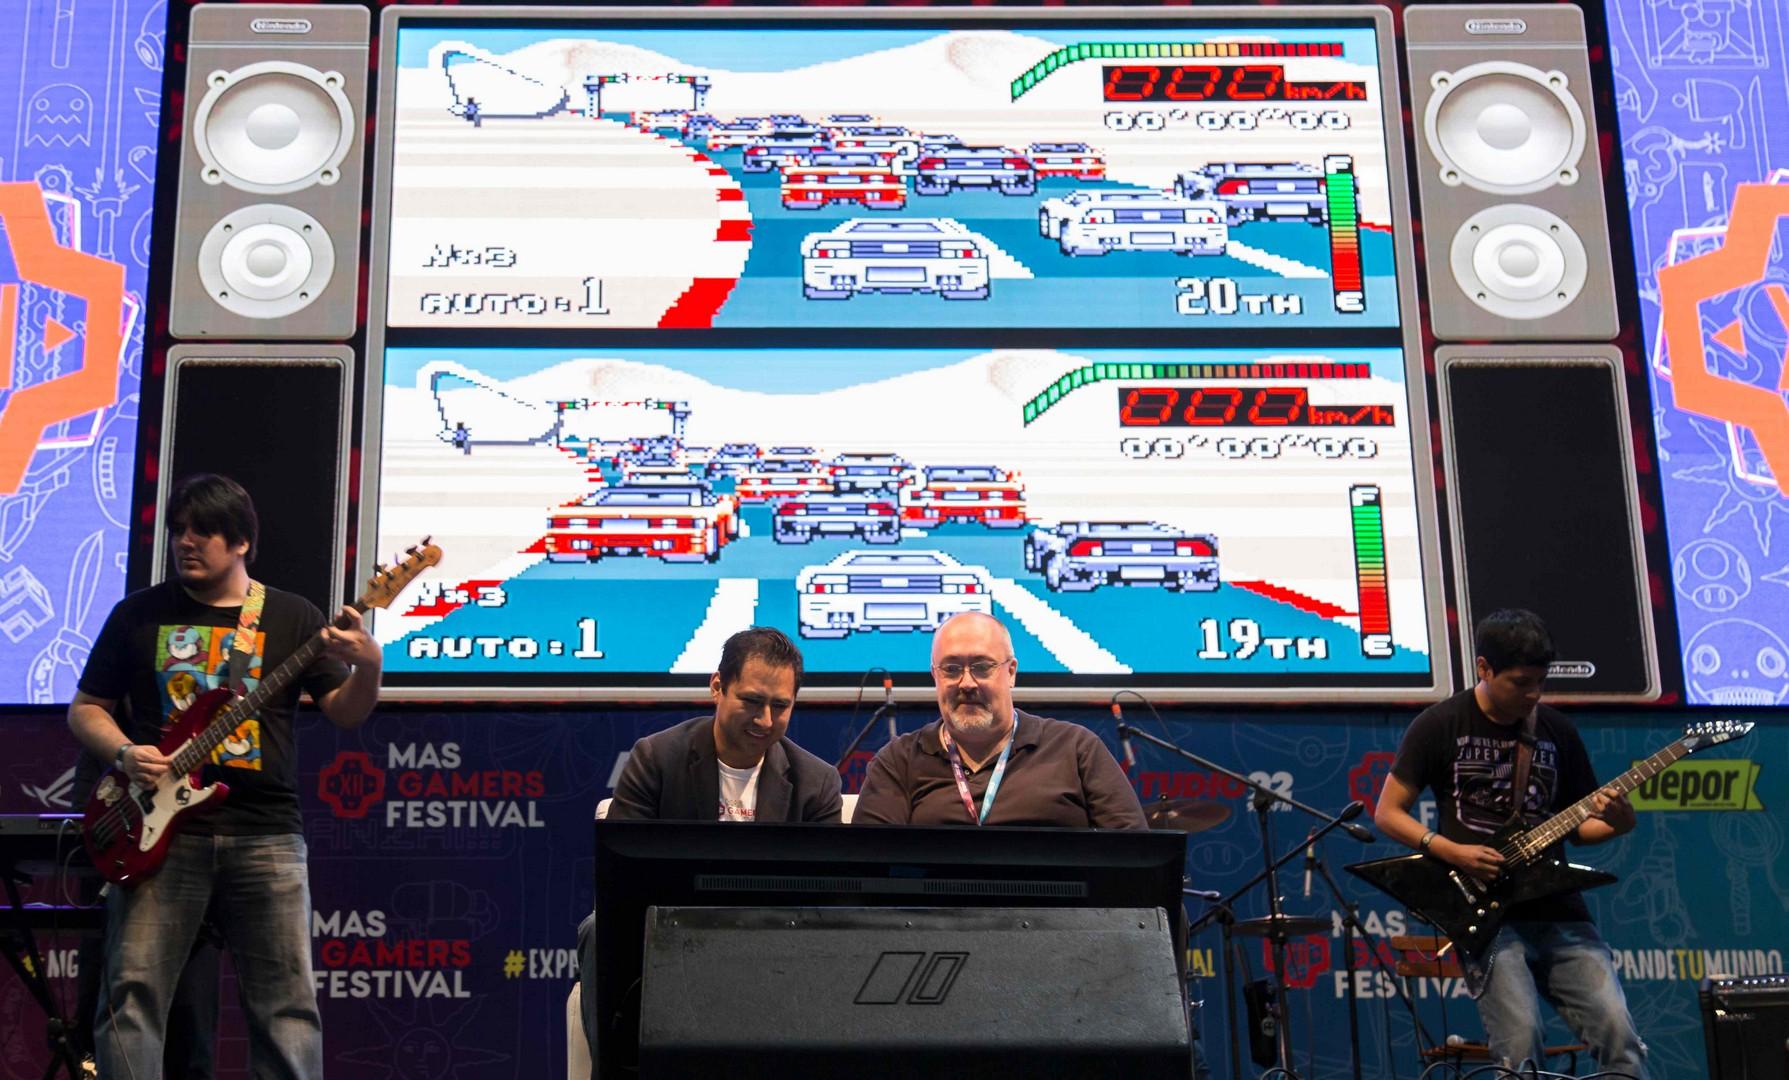 Festival Masgamers anterior